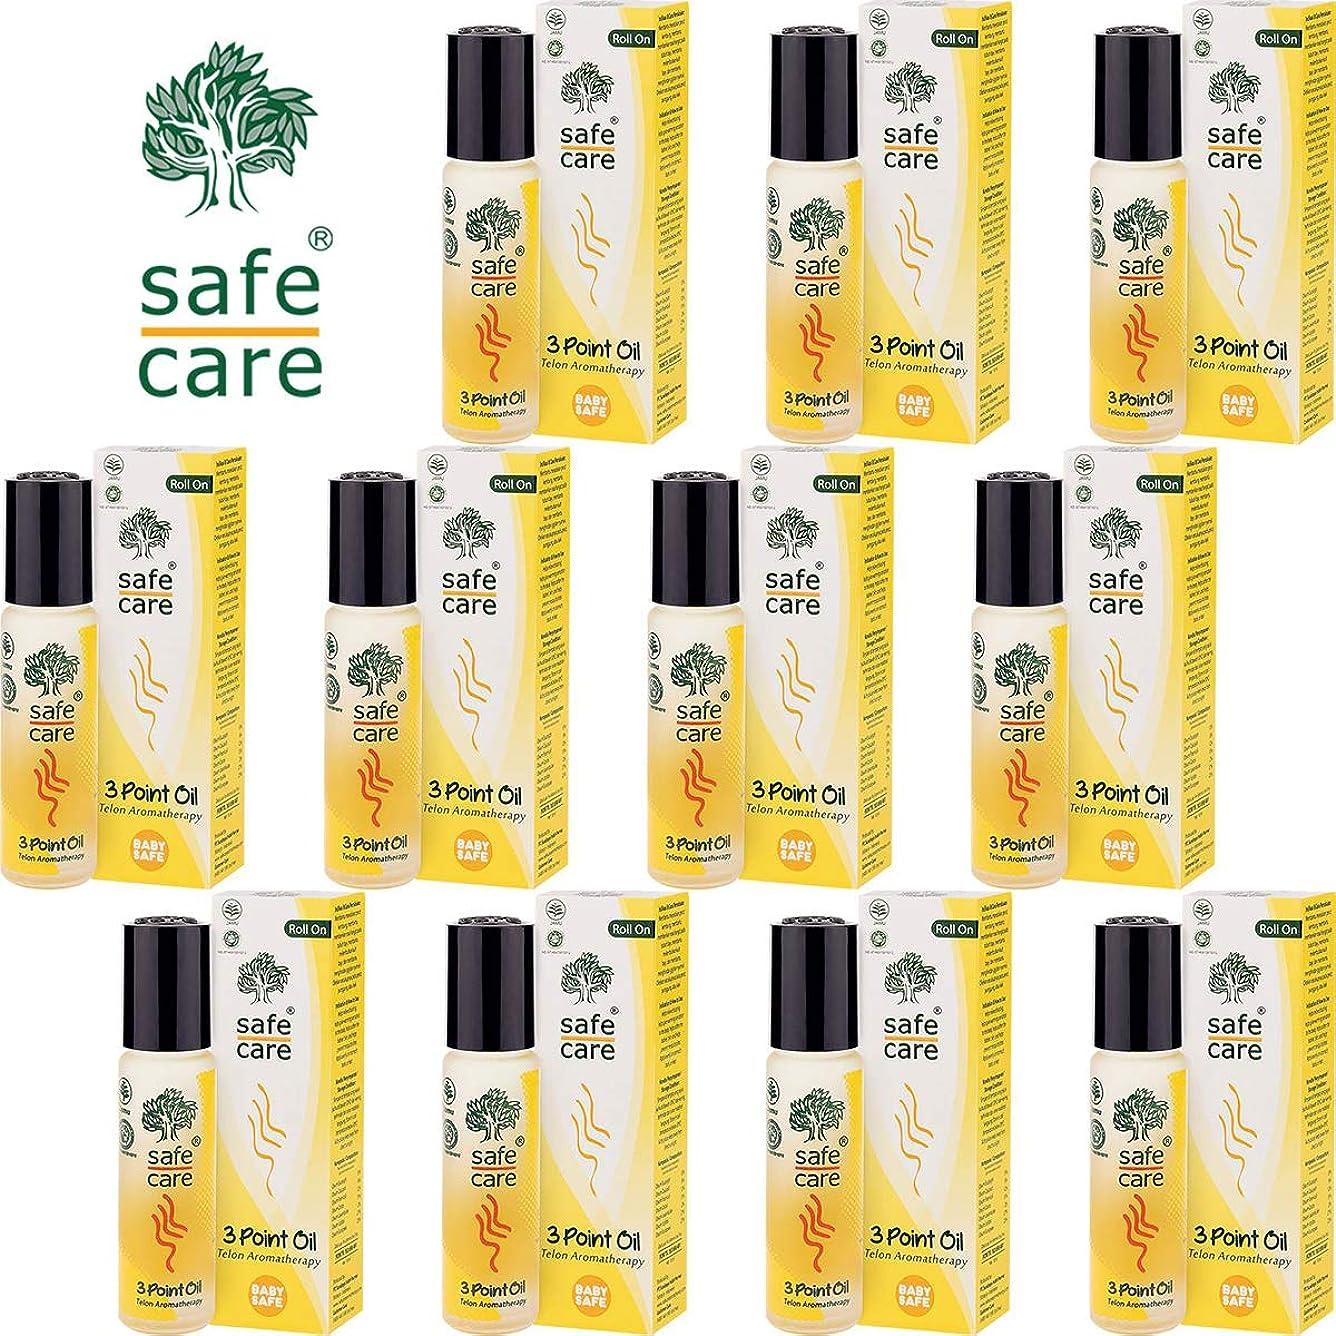 引っ張る睡眠Safe Care セーフケア Aromatherapy Telon 3Point Oil アロマテラピー リフレッシュオイル テロン3ポイントオイル ロールオン 10ml×11本セット [海外直送品]